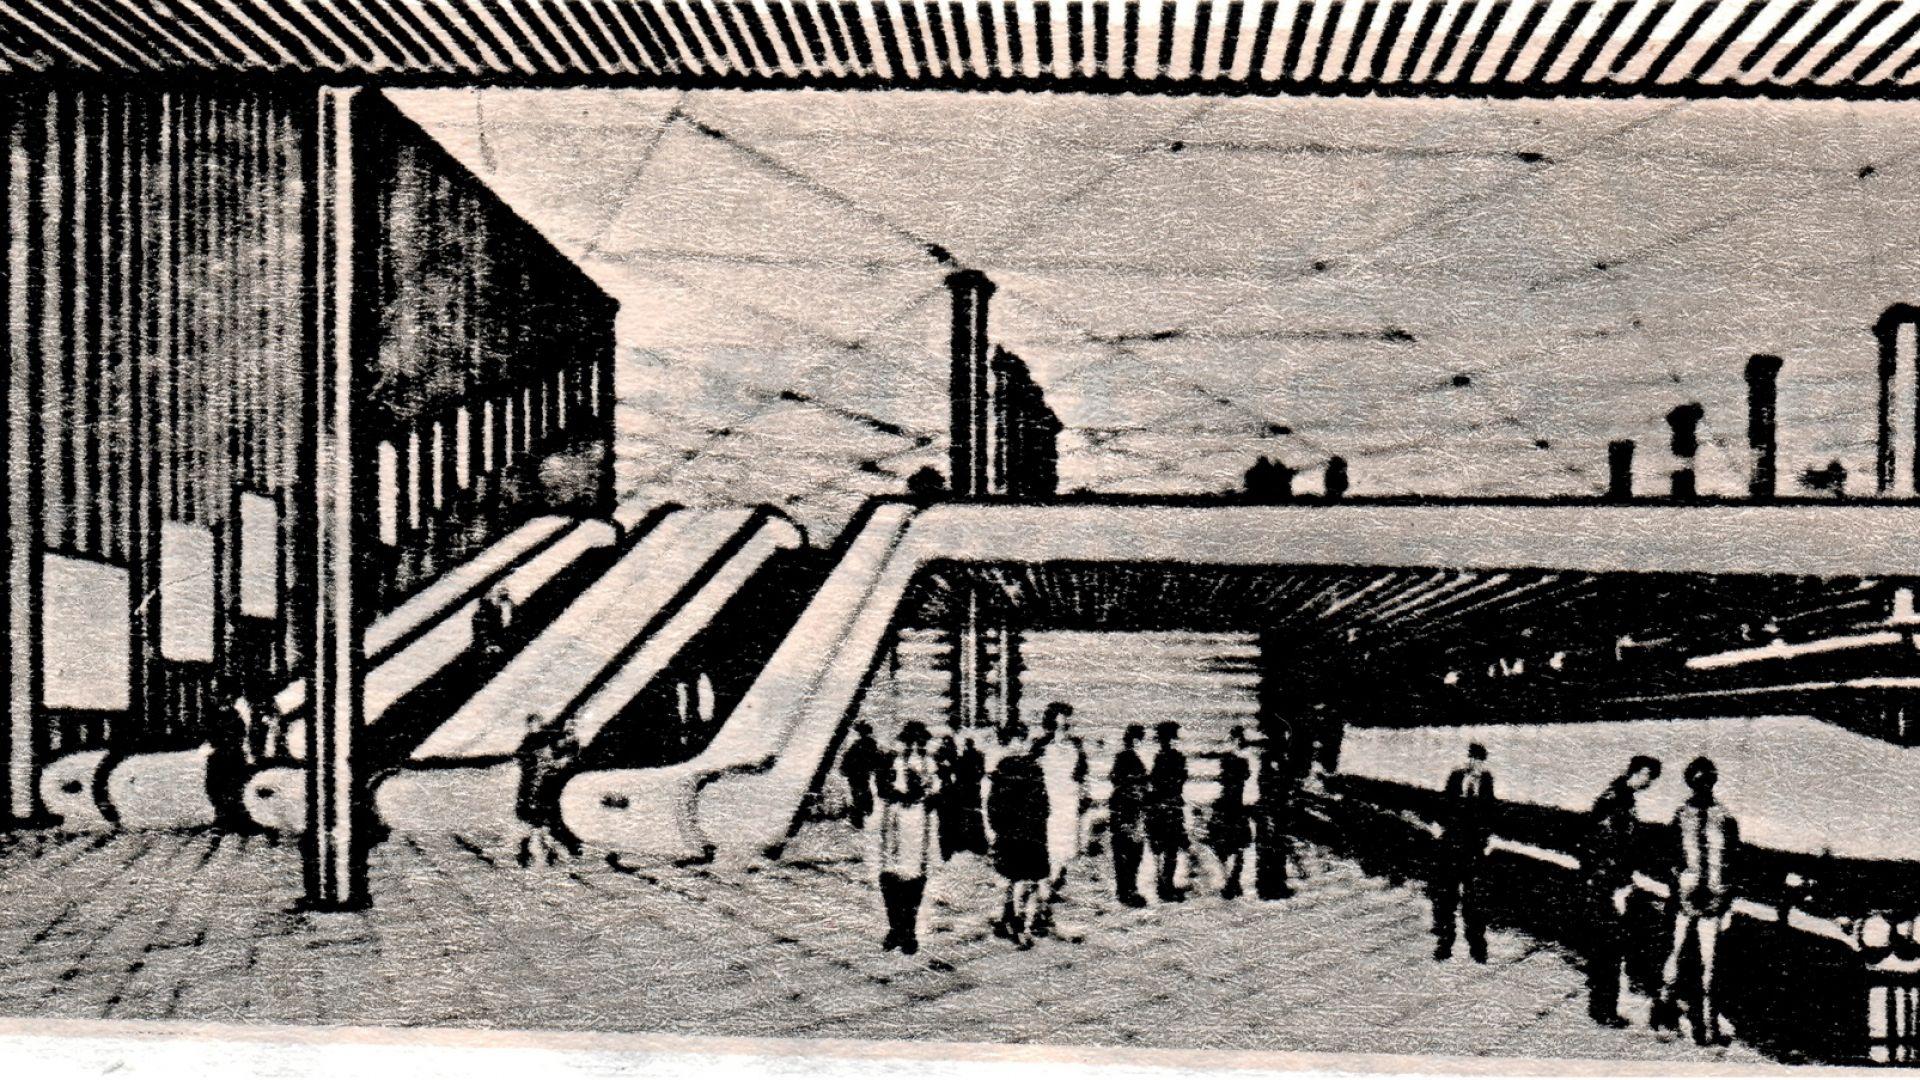 Софийското метро отбелязва 22-рата си годишнина. На 28 януари 1998